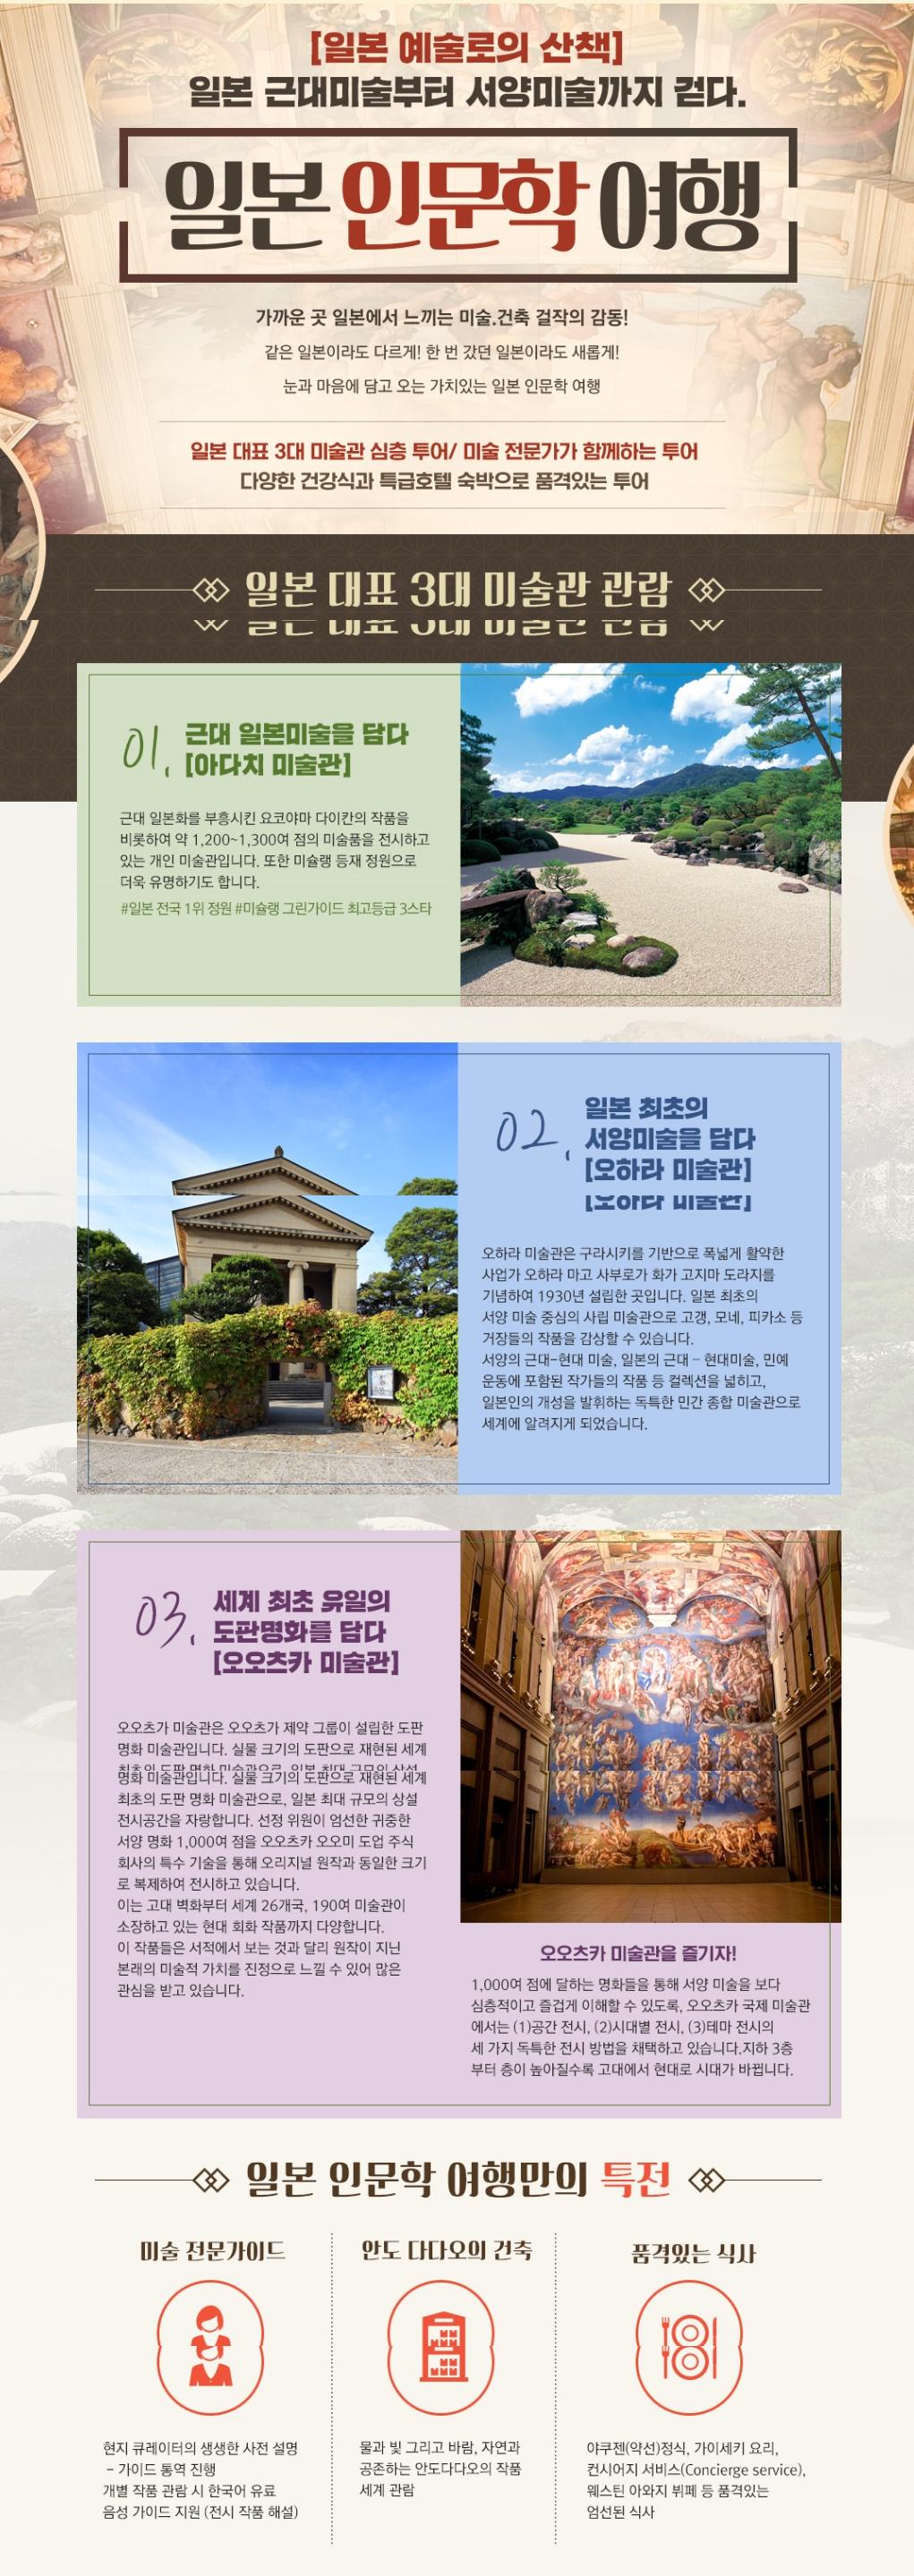 일본_하나투어홈페이지_캡쳐.jpg